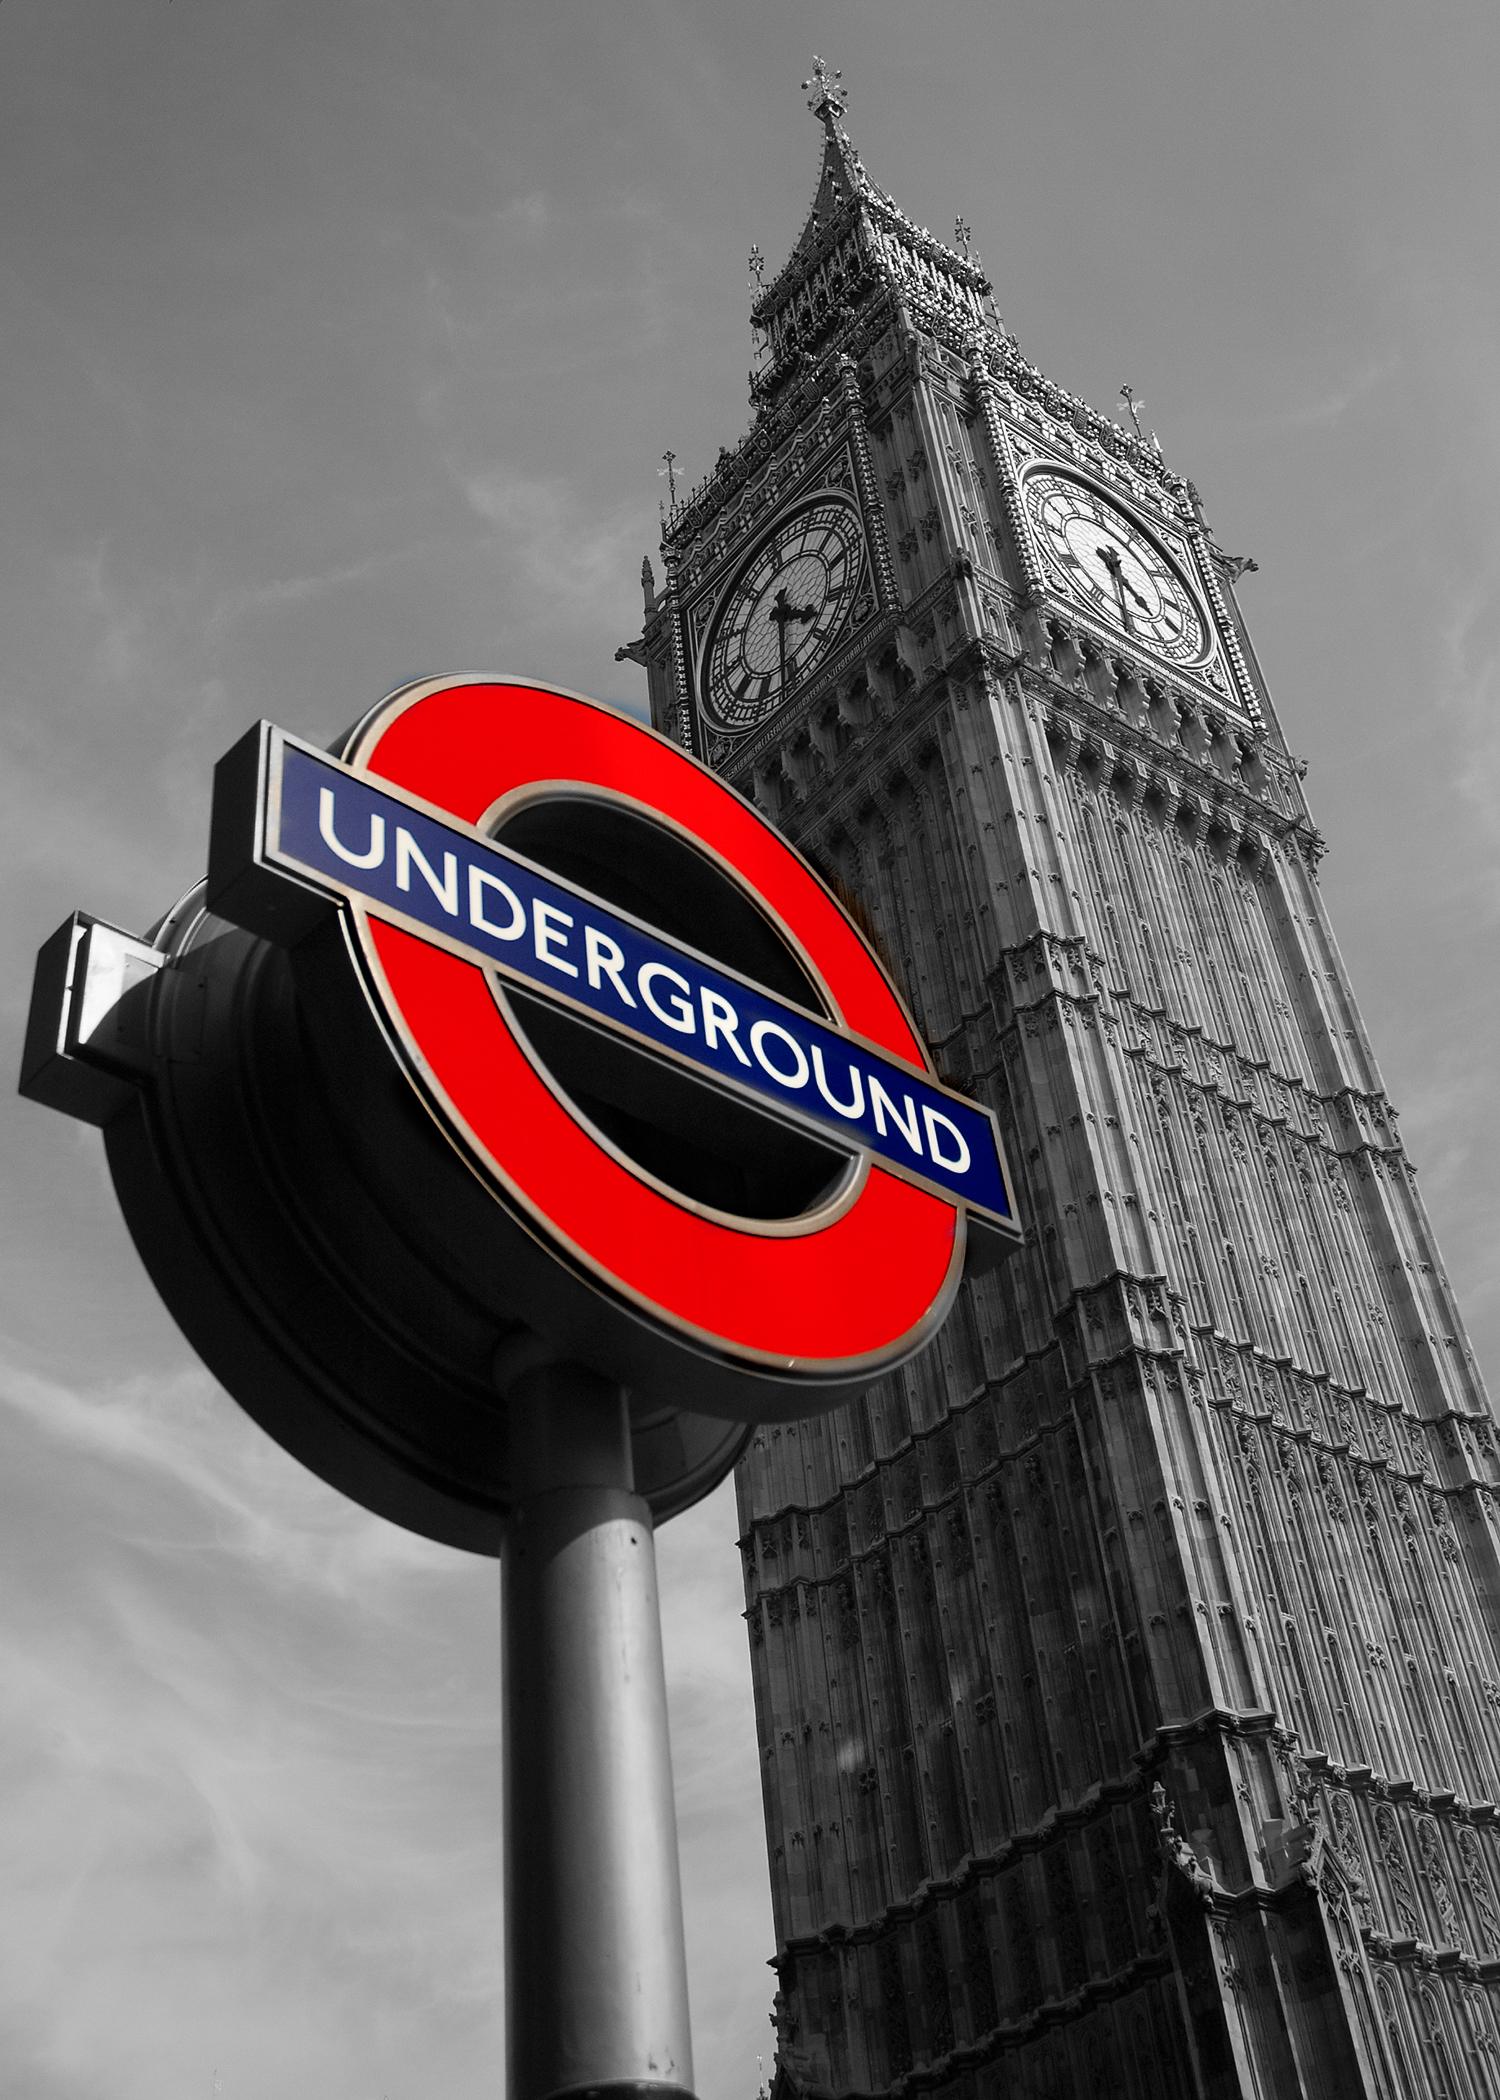 Big Ben Red Underground Sign